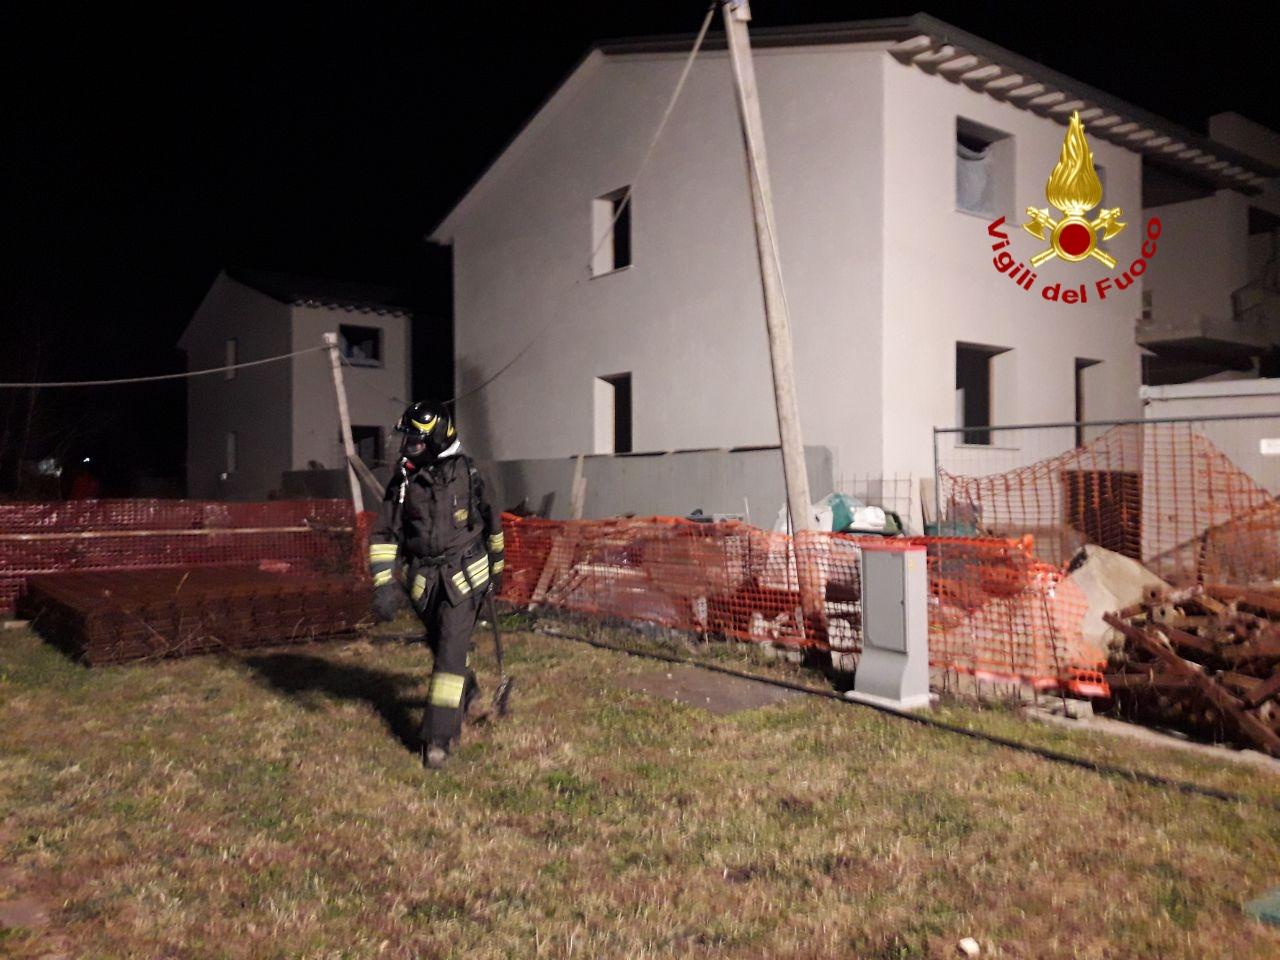 Incendio a Cassola: a fuoco il garage di un'abitazione ...